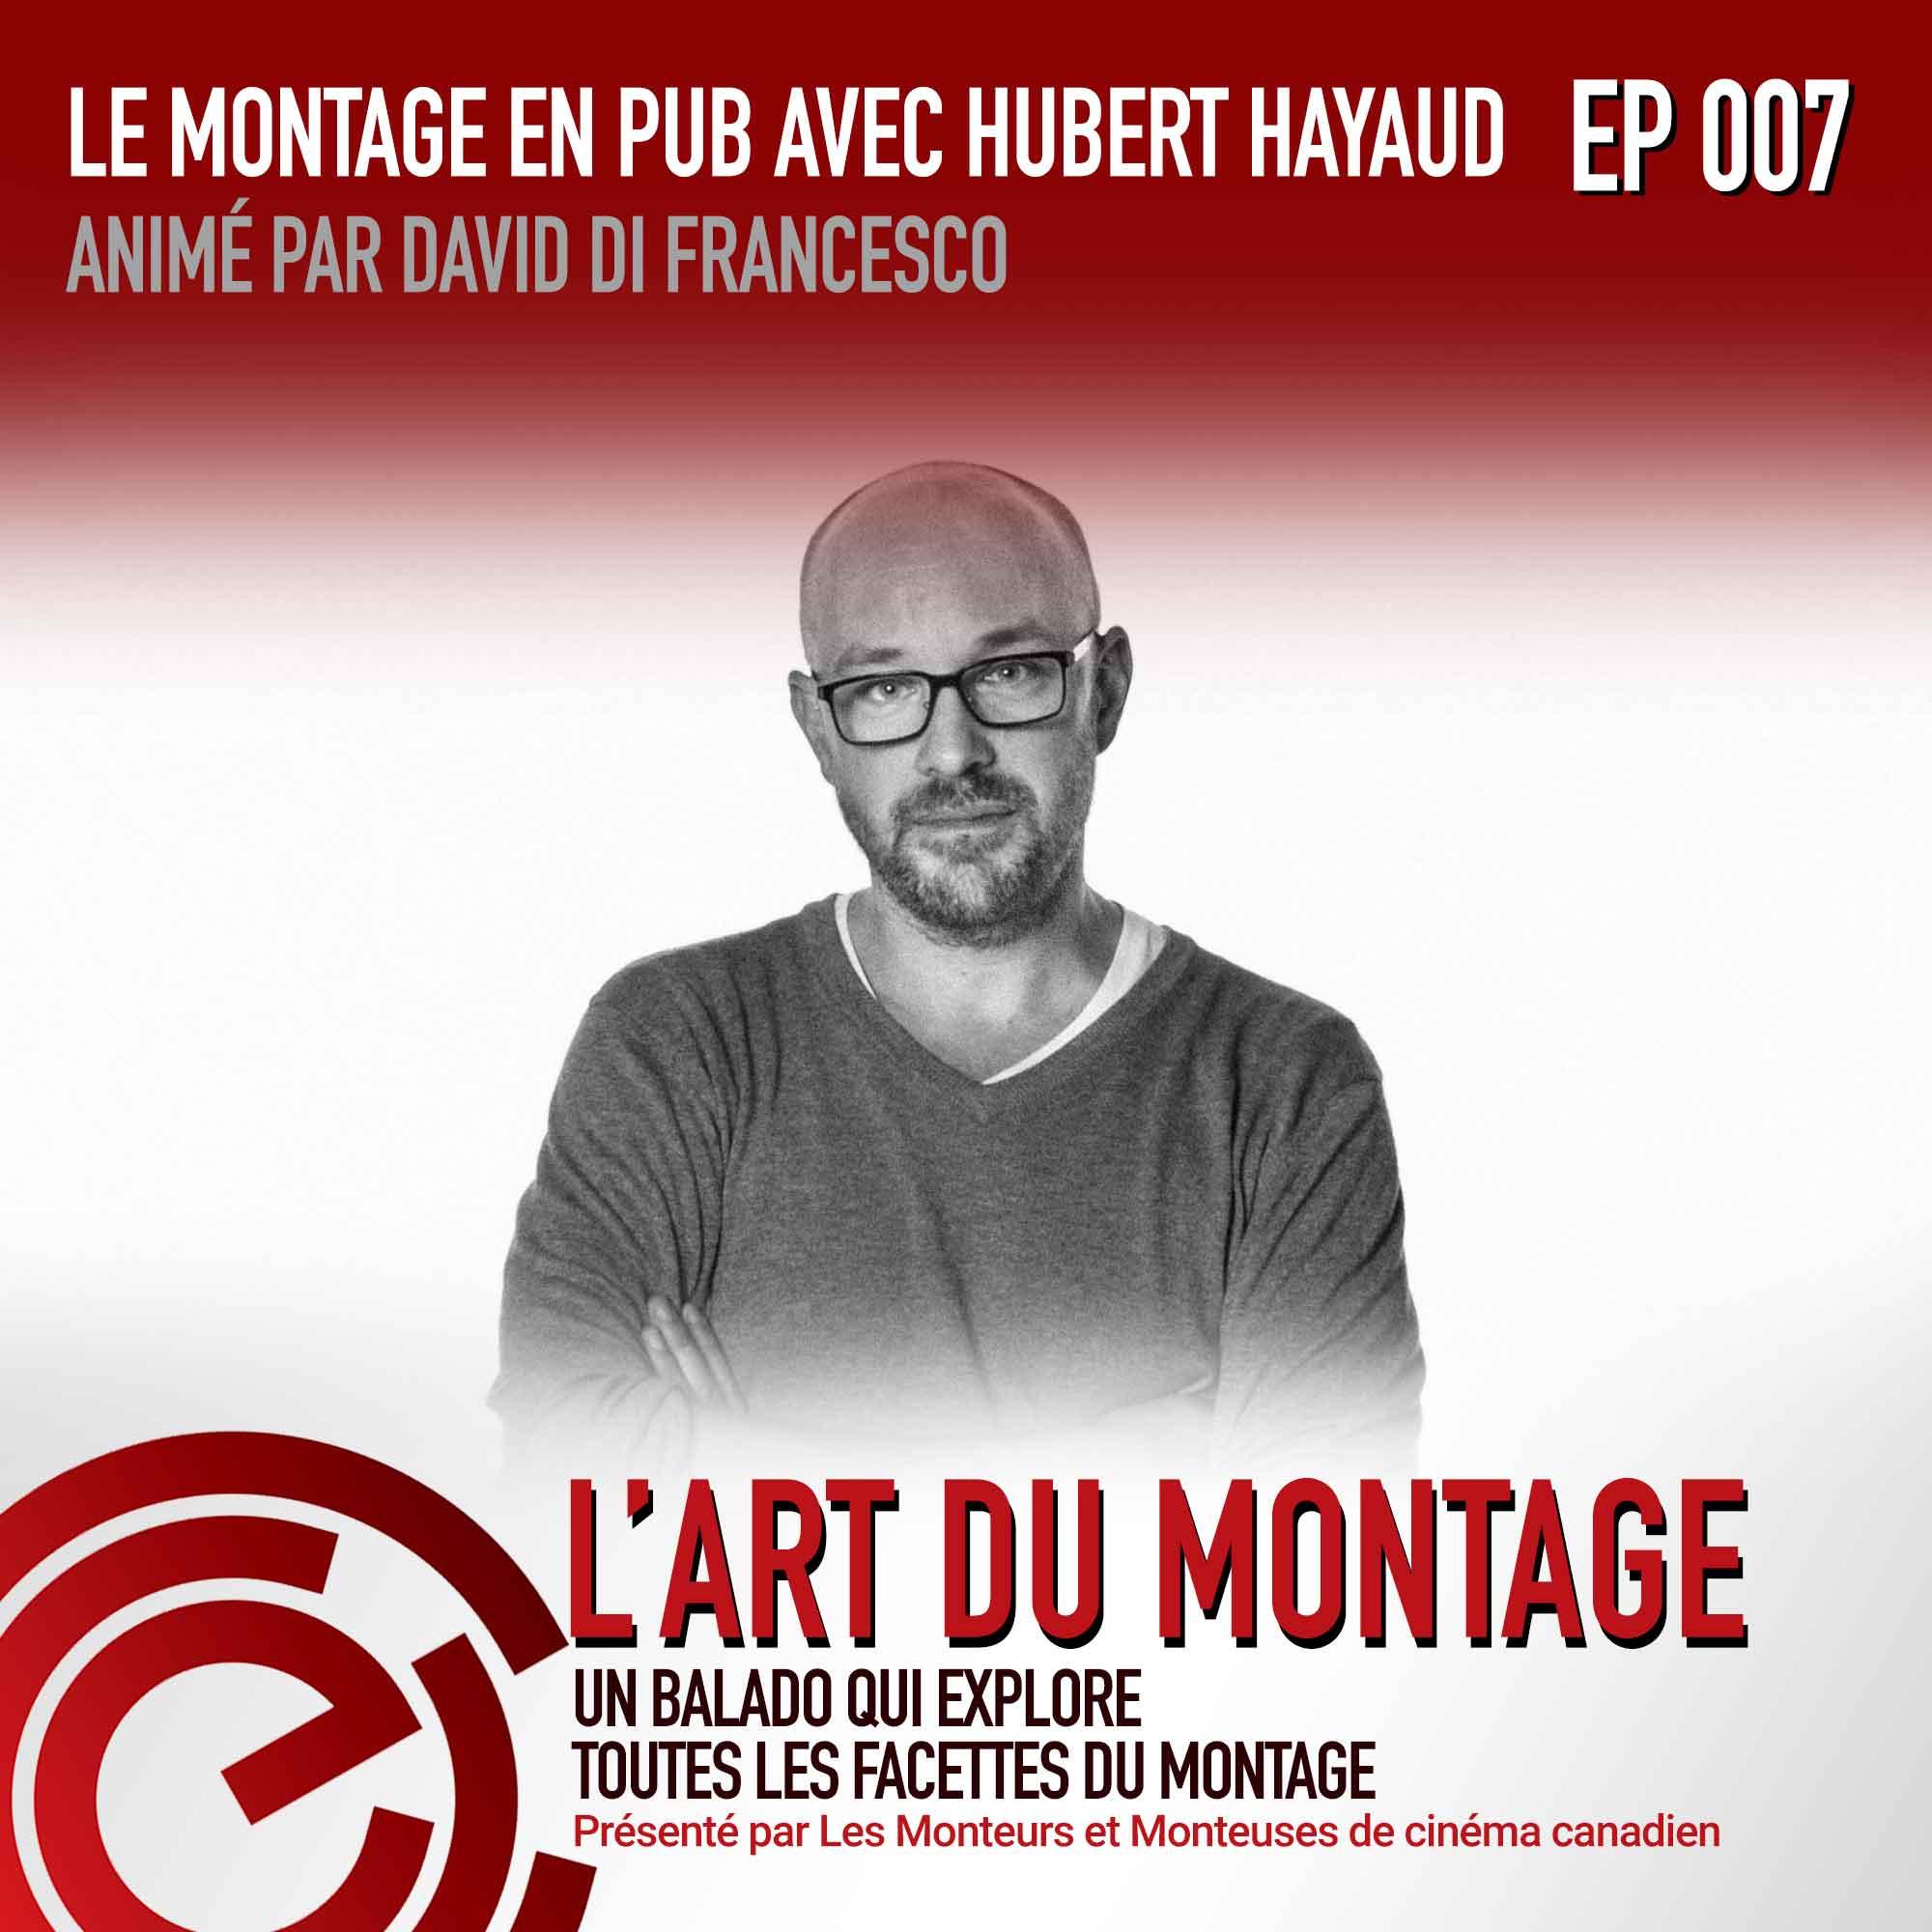 Episode 007: Le montage en Pub avec Hubert Hayaud